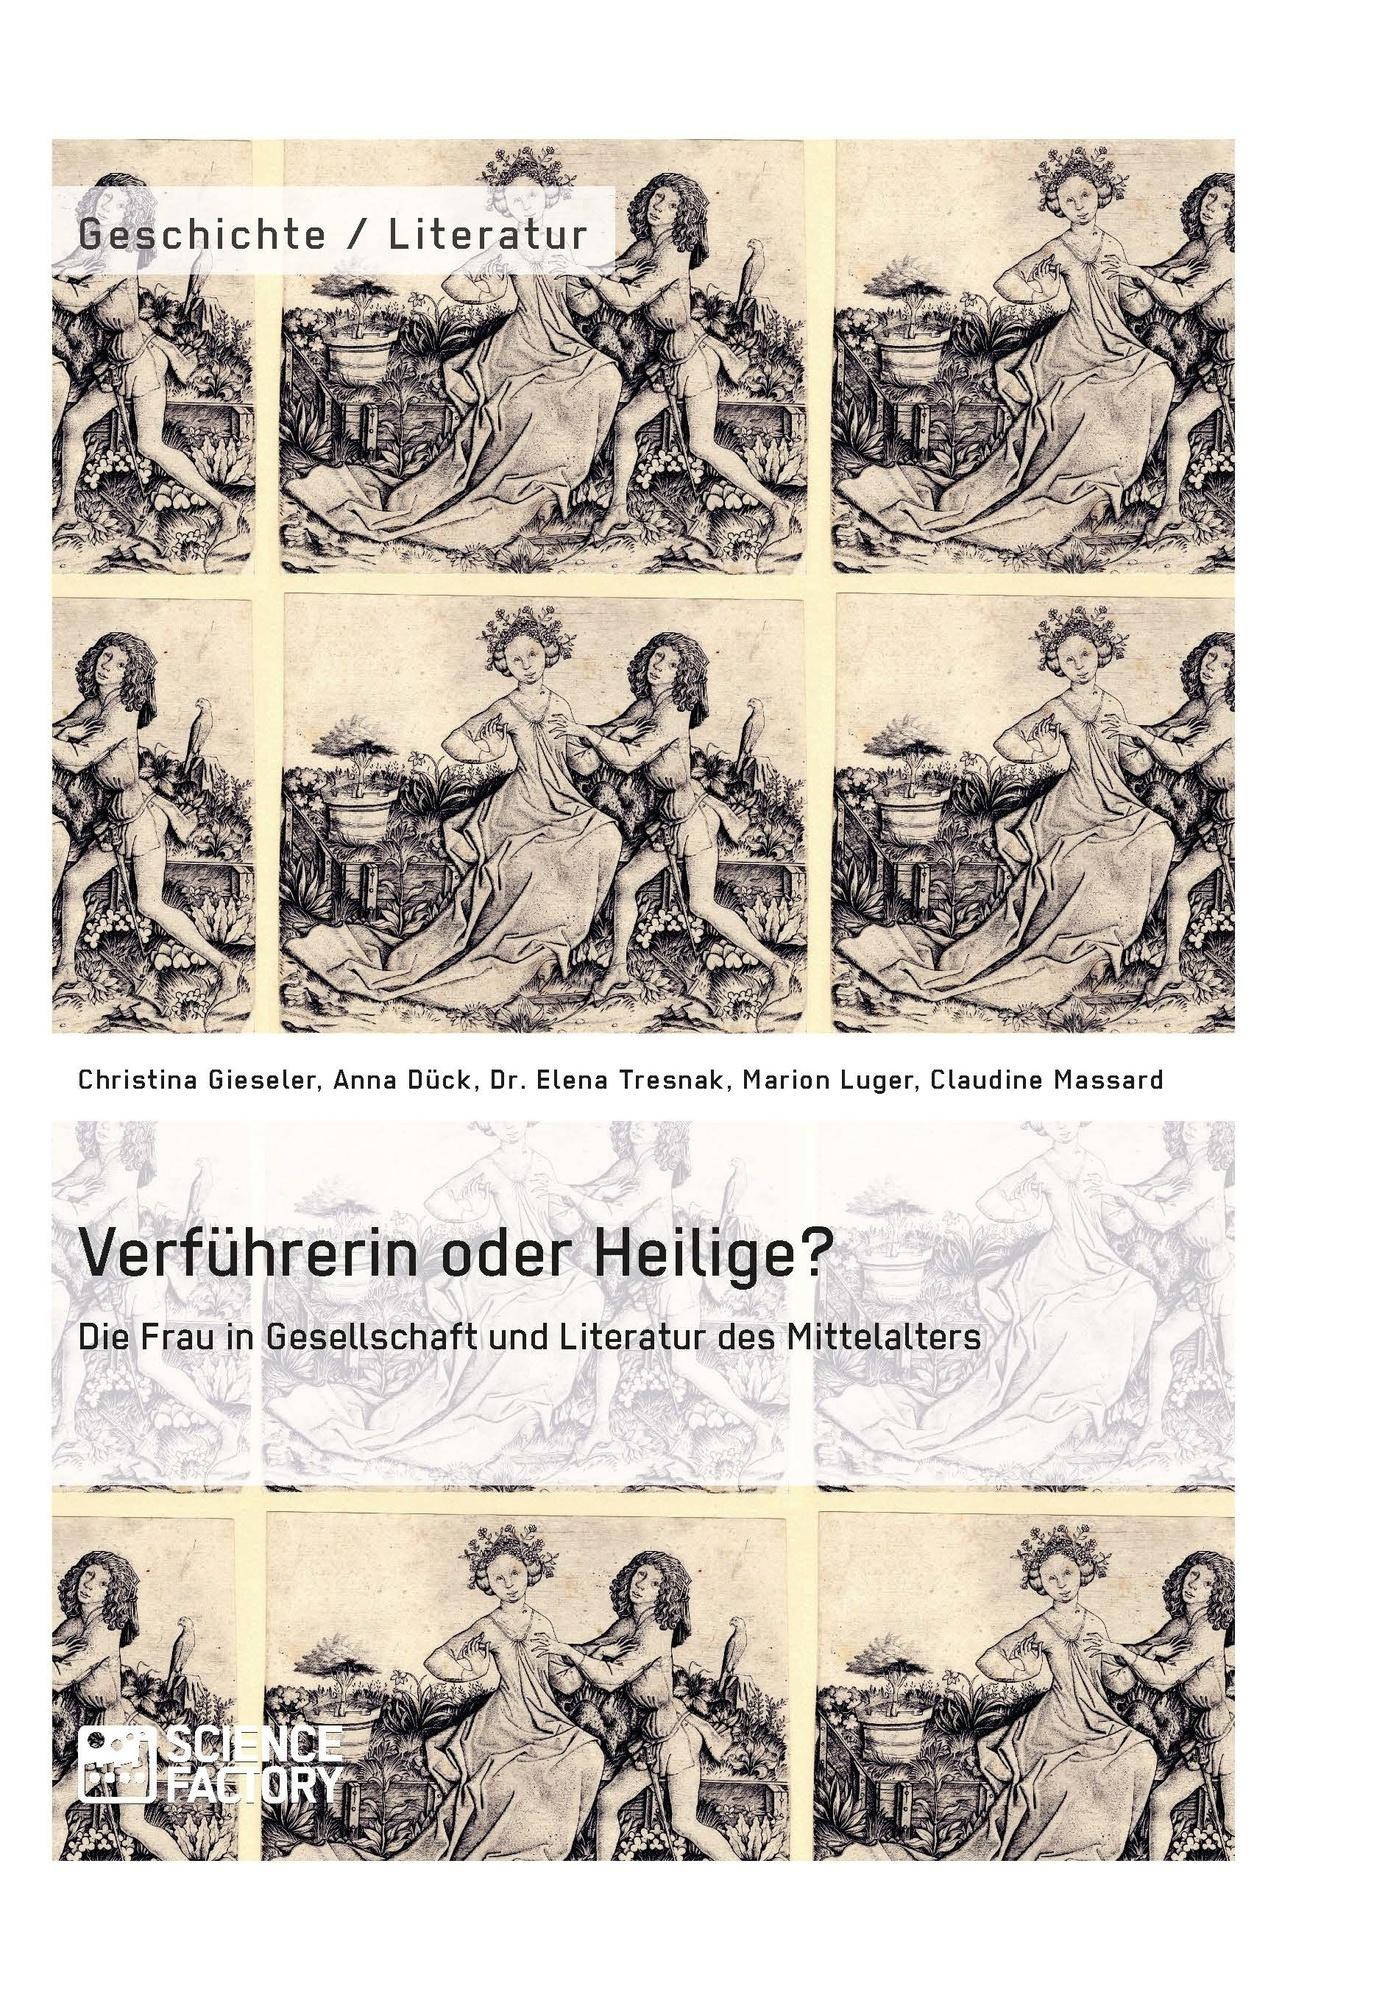 Titel: Verführerin oder Heilige? Die Frau in Gesellschaft und Literatur des Mittelalters